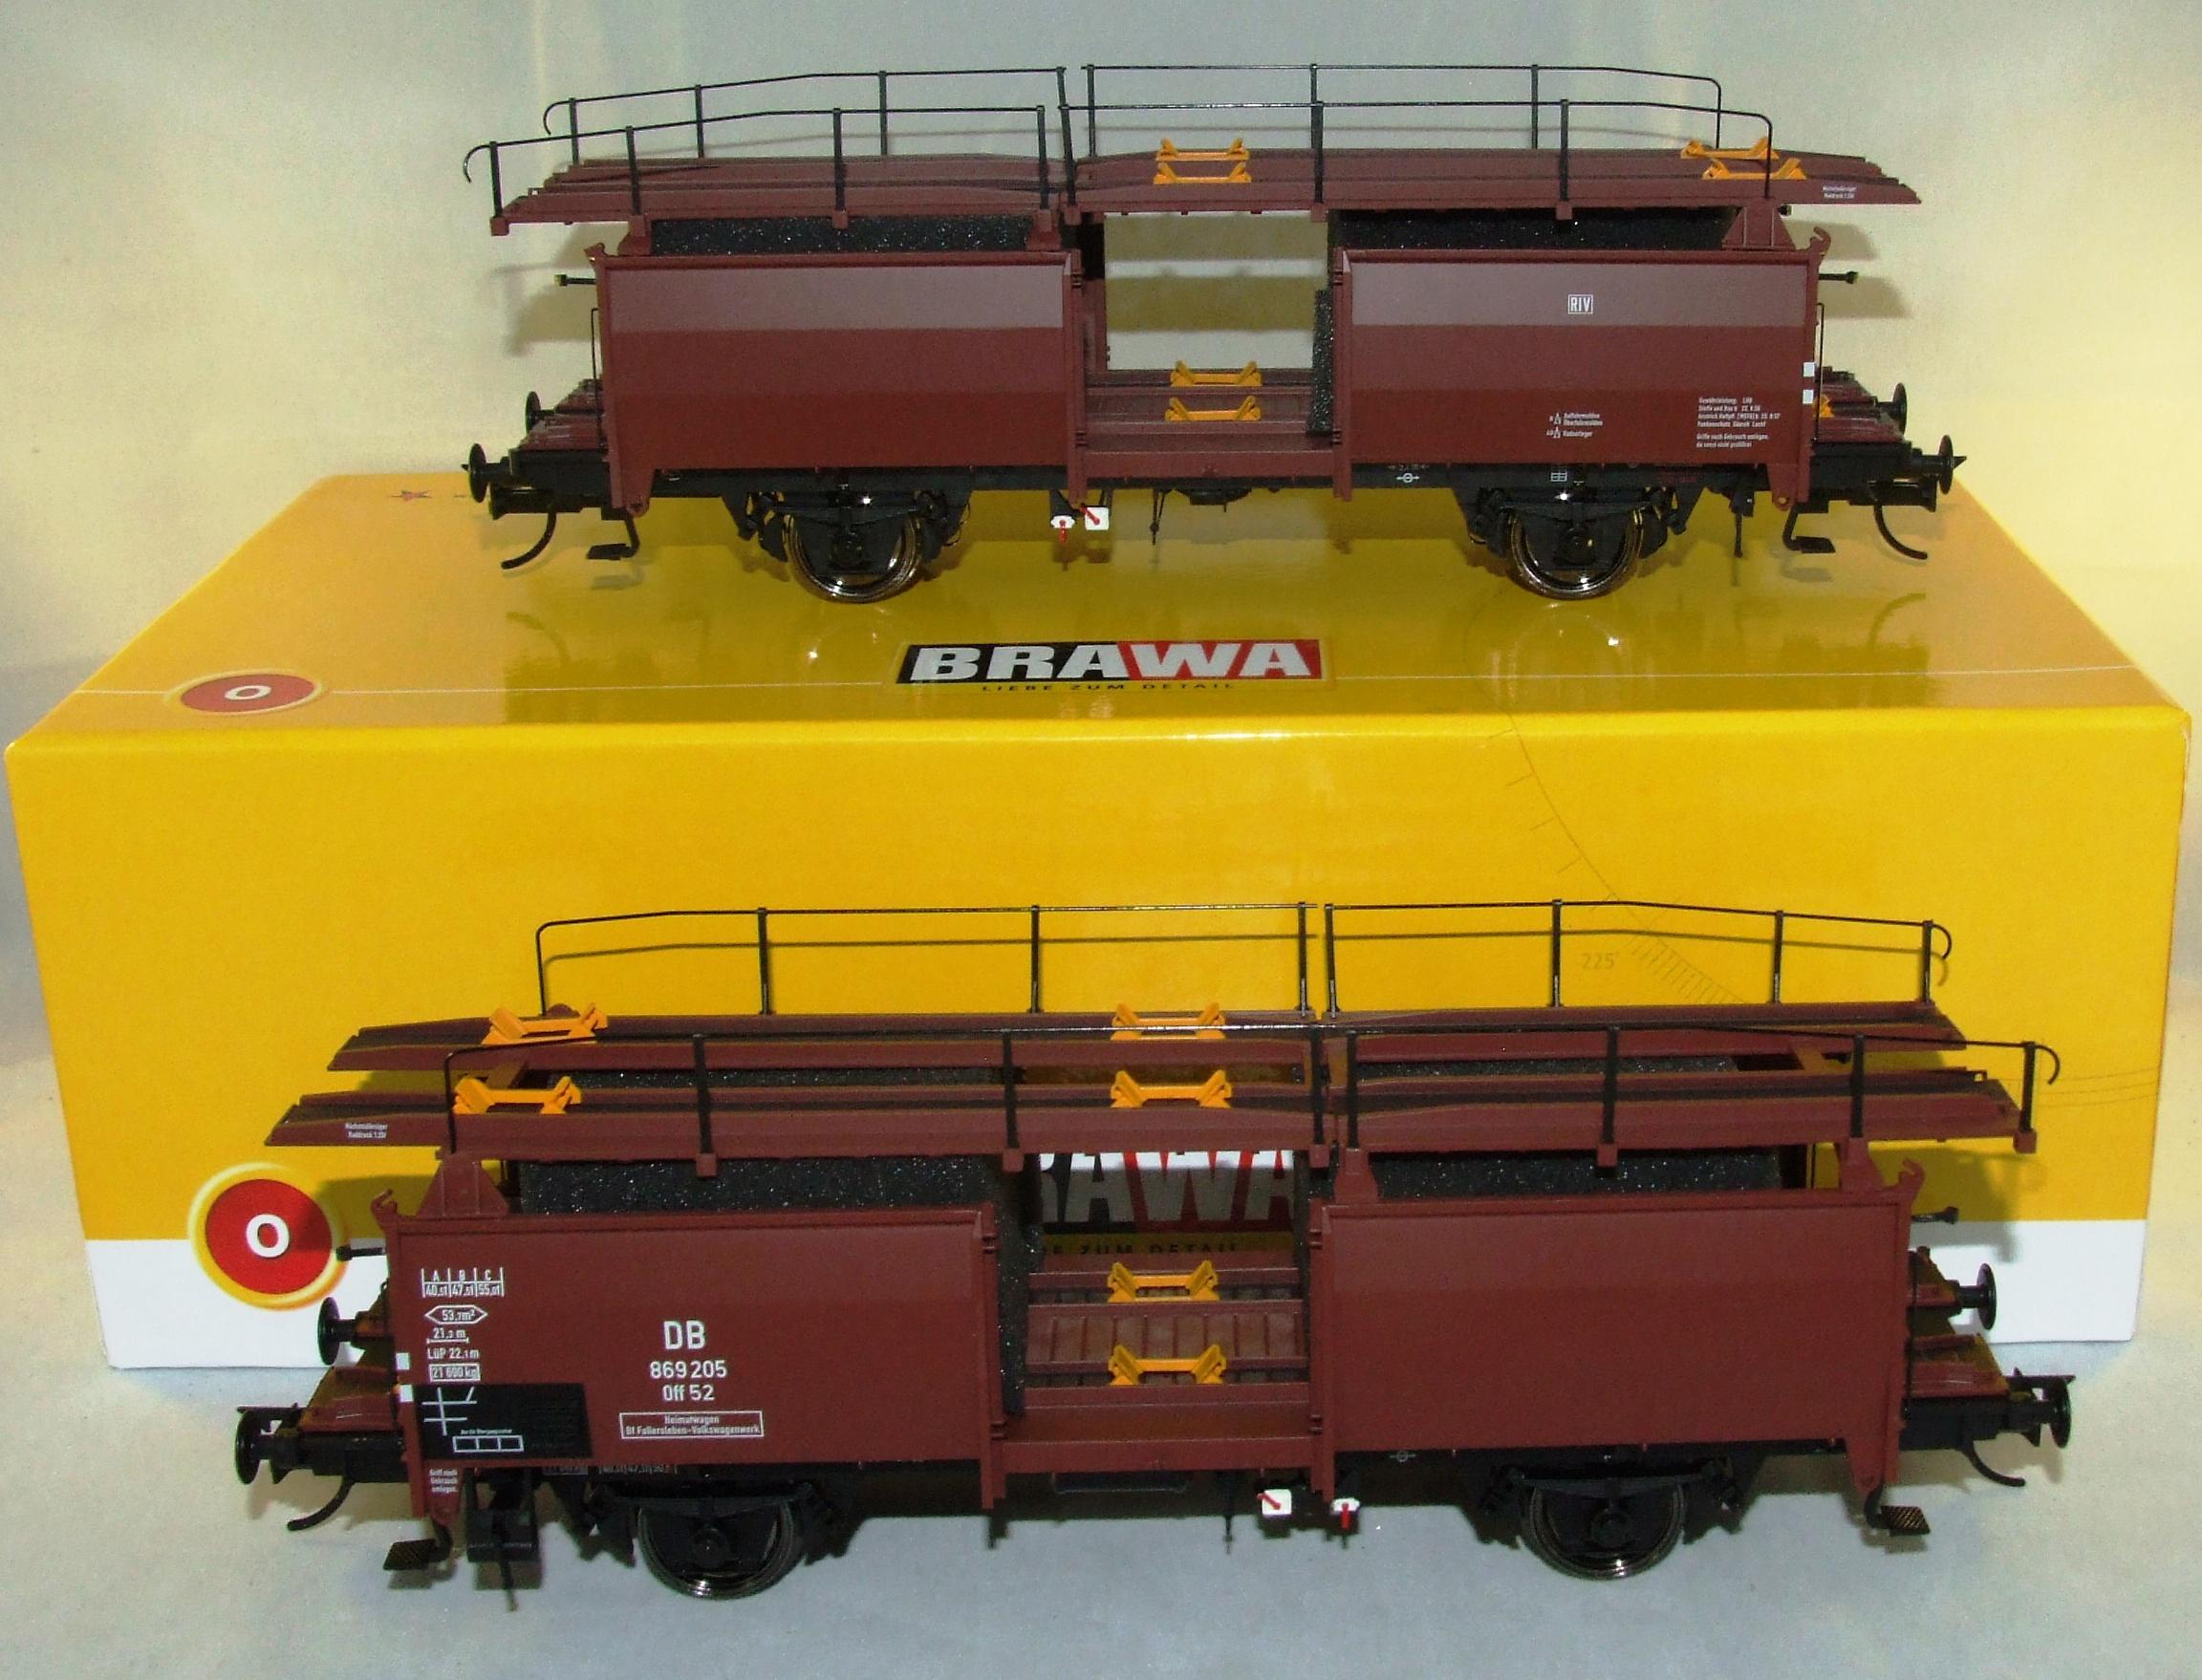 BRAWA 37054 Spur 0 Autotransport Off 52 DB III Exklusiv Modell limitiert 1:45